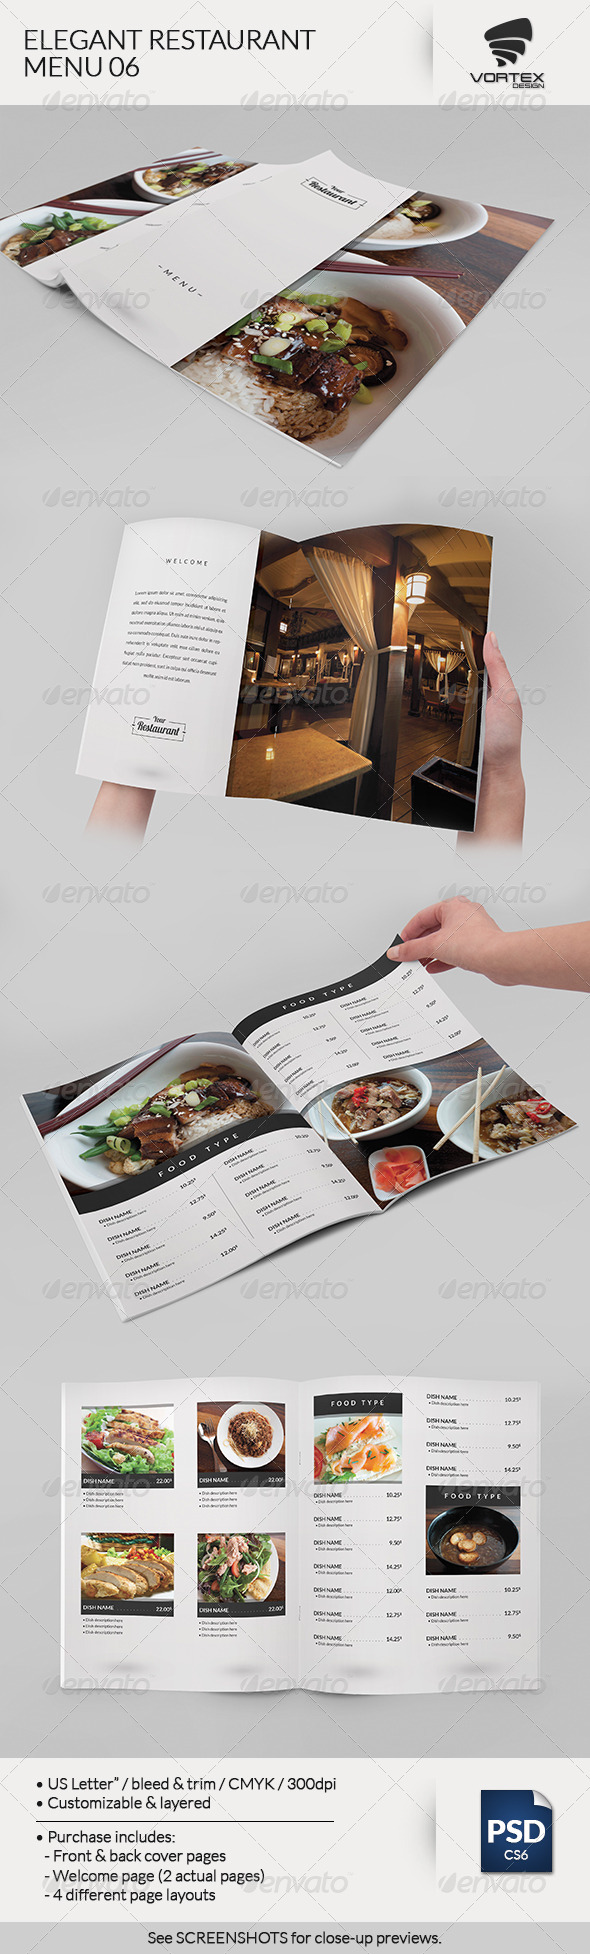 GraphicRiver Elegant Restaurant Menu 06 7840295